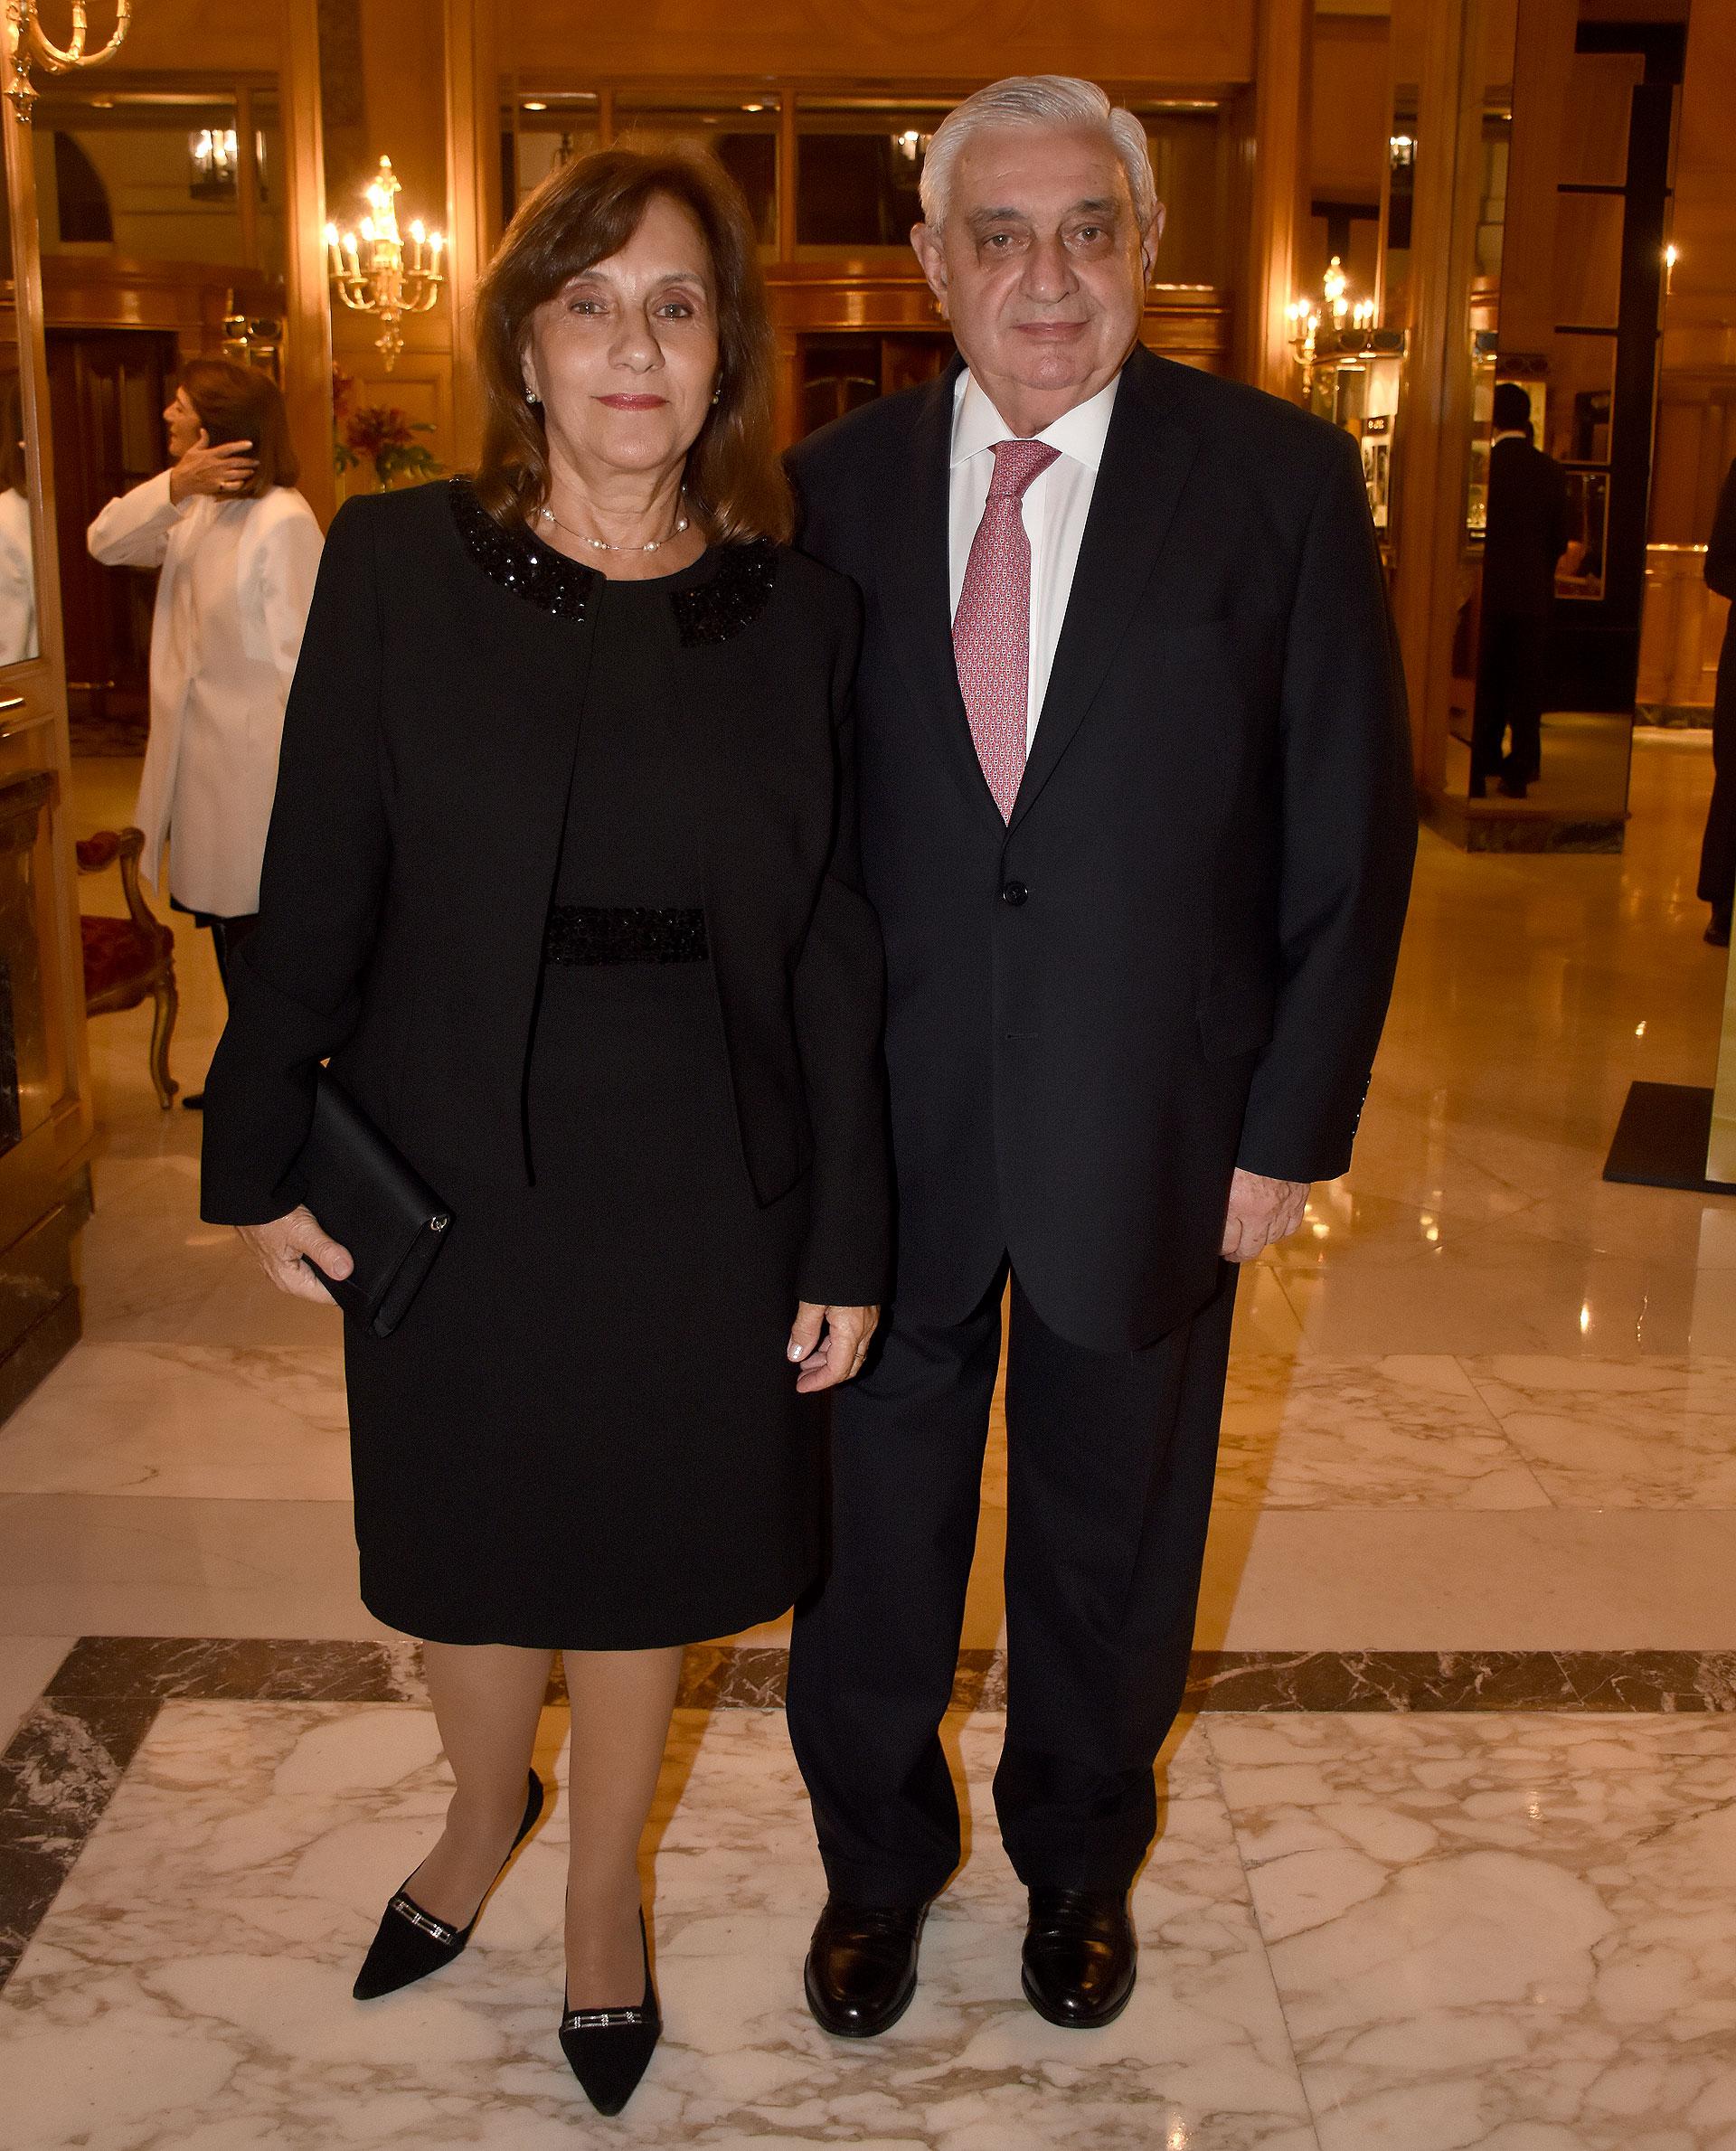 Adelmo Gabbi, presidente de la Bolsa de Comercio de Buenos Aires, y su esposa